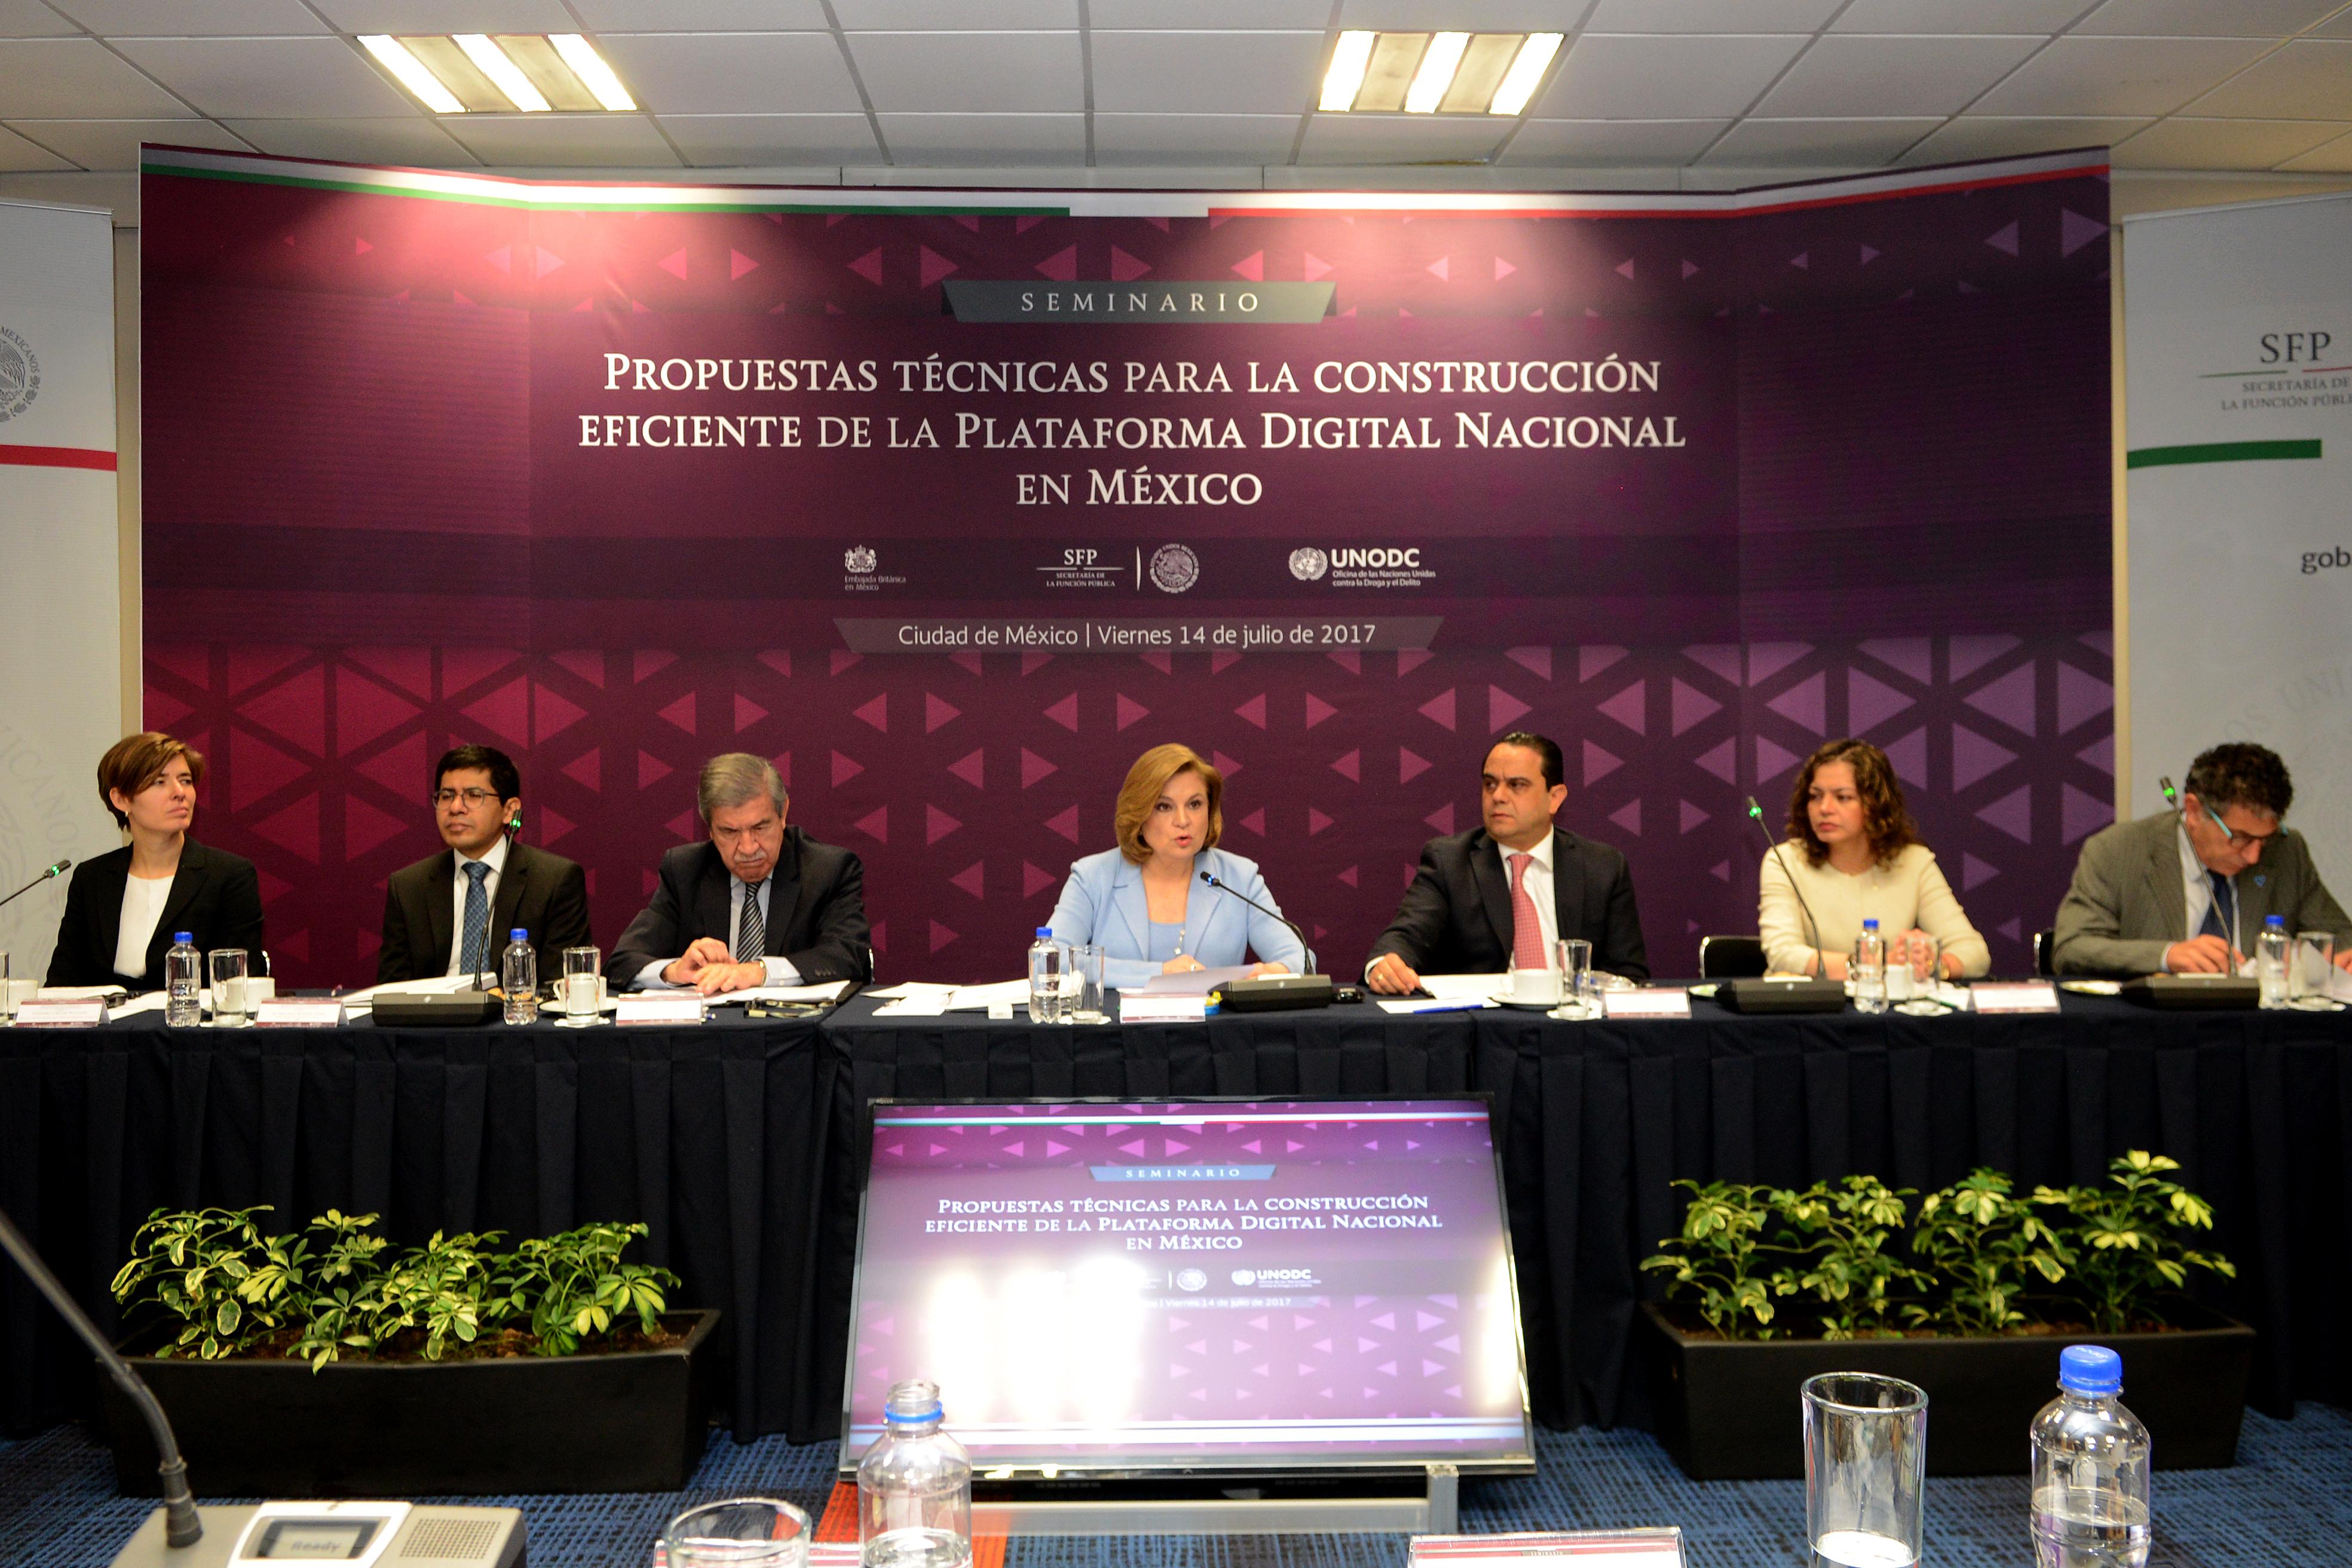 La Plataforma Digital Nacional, herramienta importante para el ...